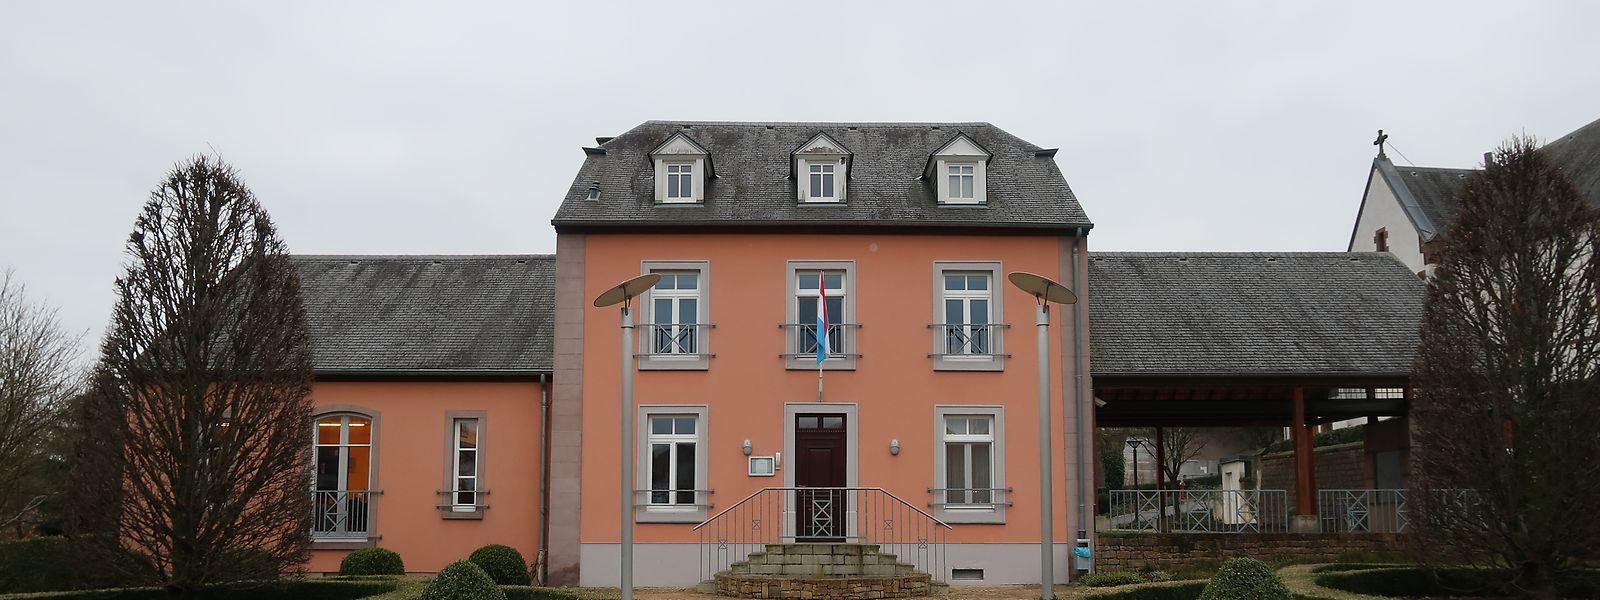 Dem Gemeindehaus in Vichten stehen turbulente Zeiten bevor.